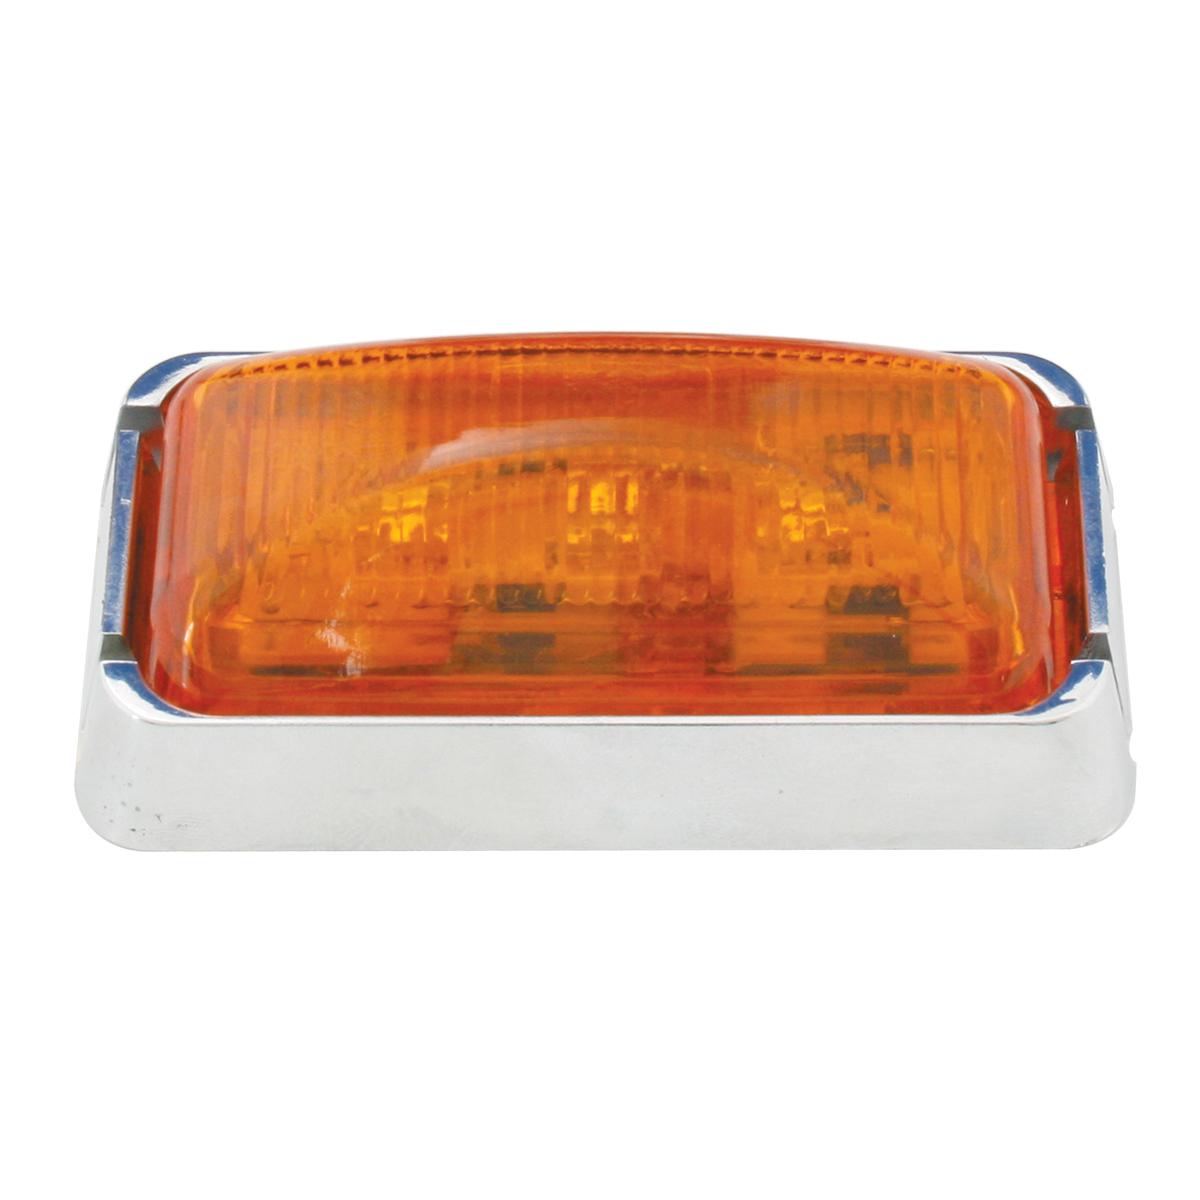 87630 Small Rectangular LED Marker Light with Chrome Bracket